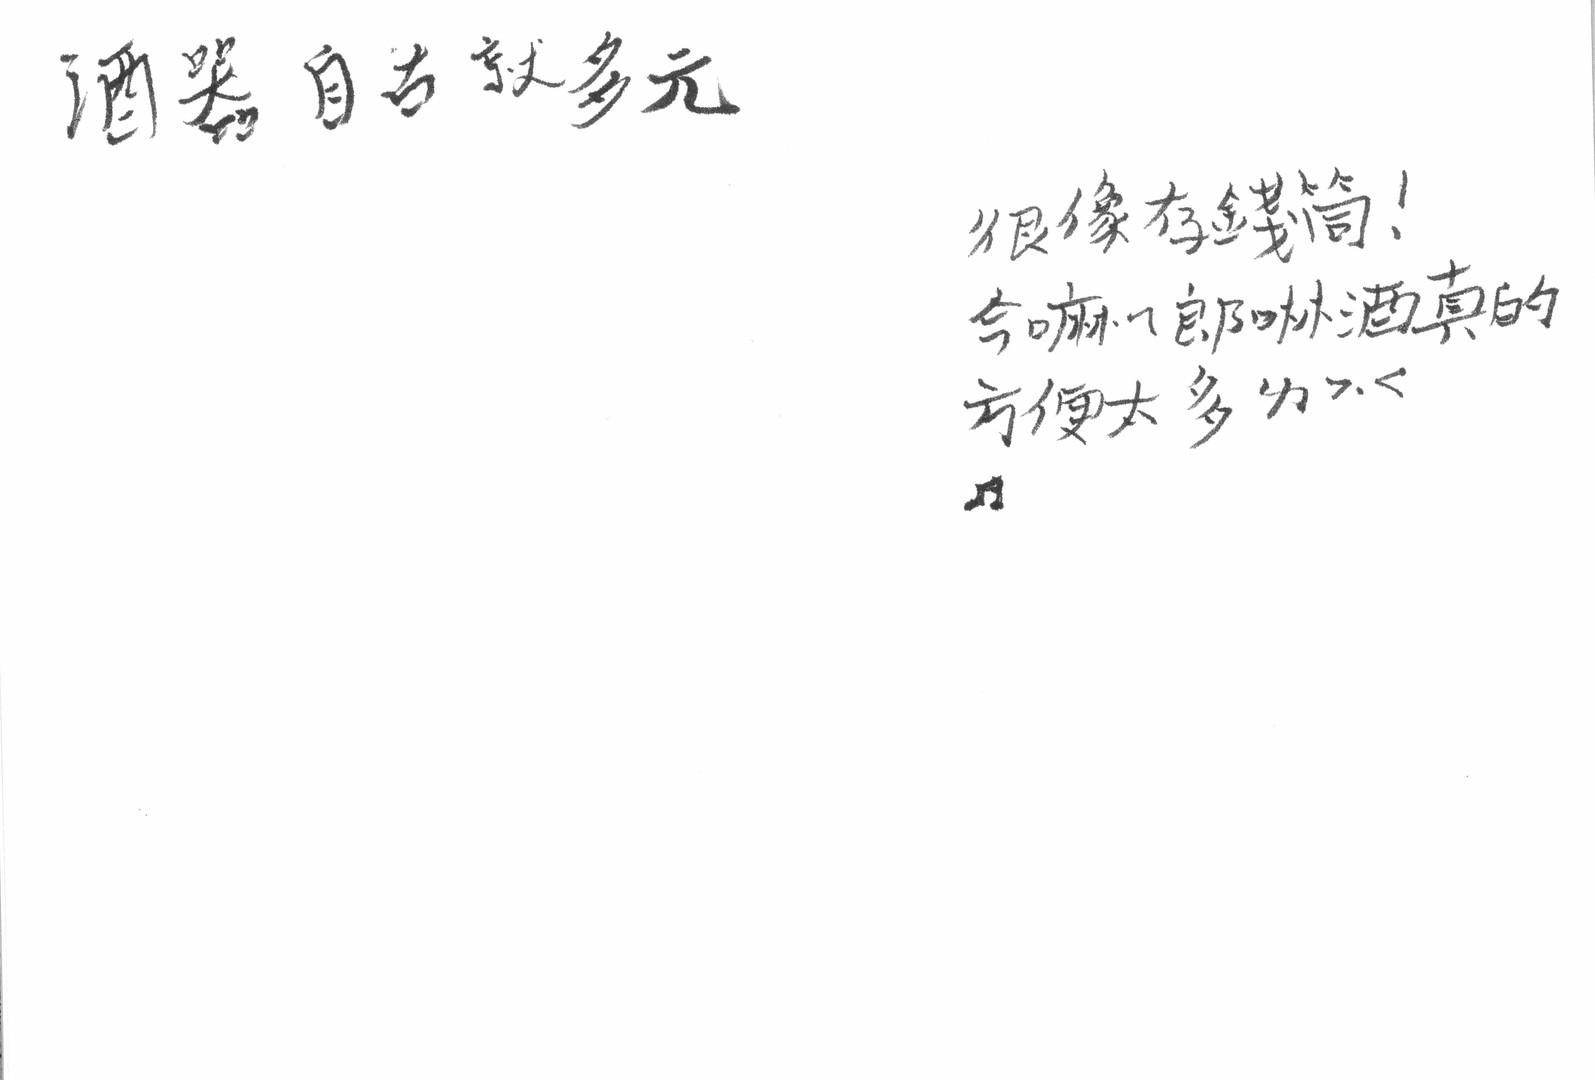 20200908_113046_005.jpg